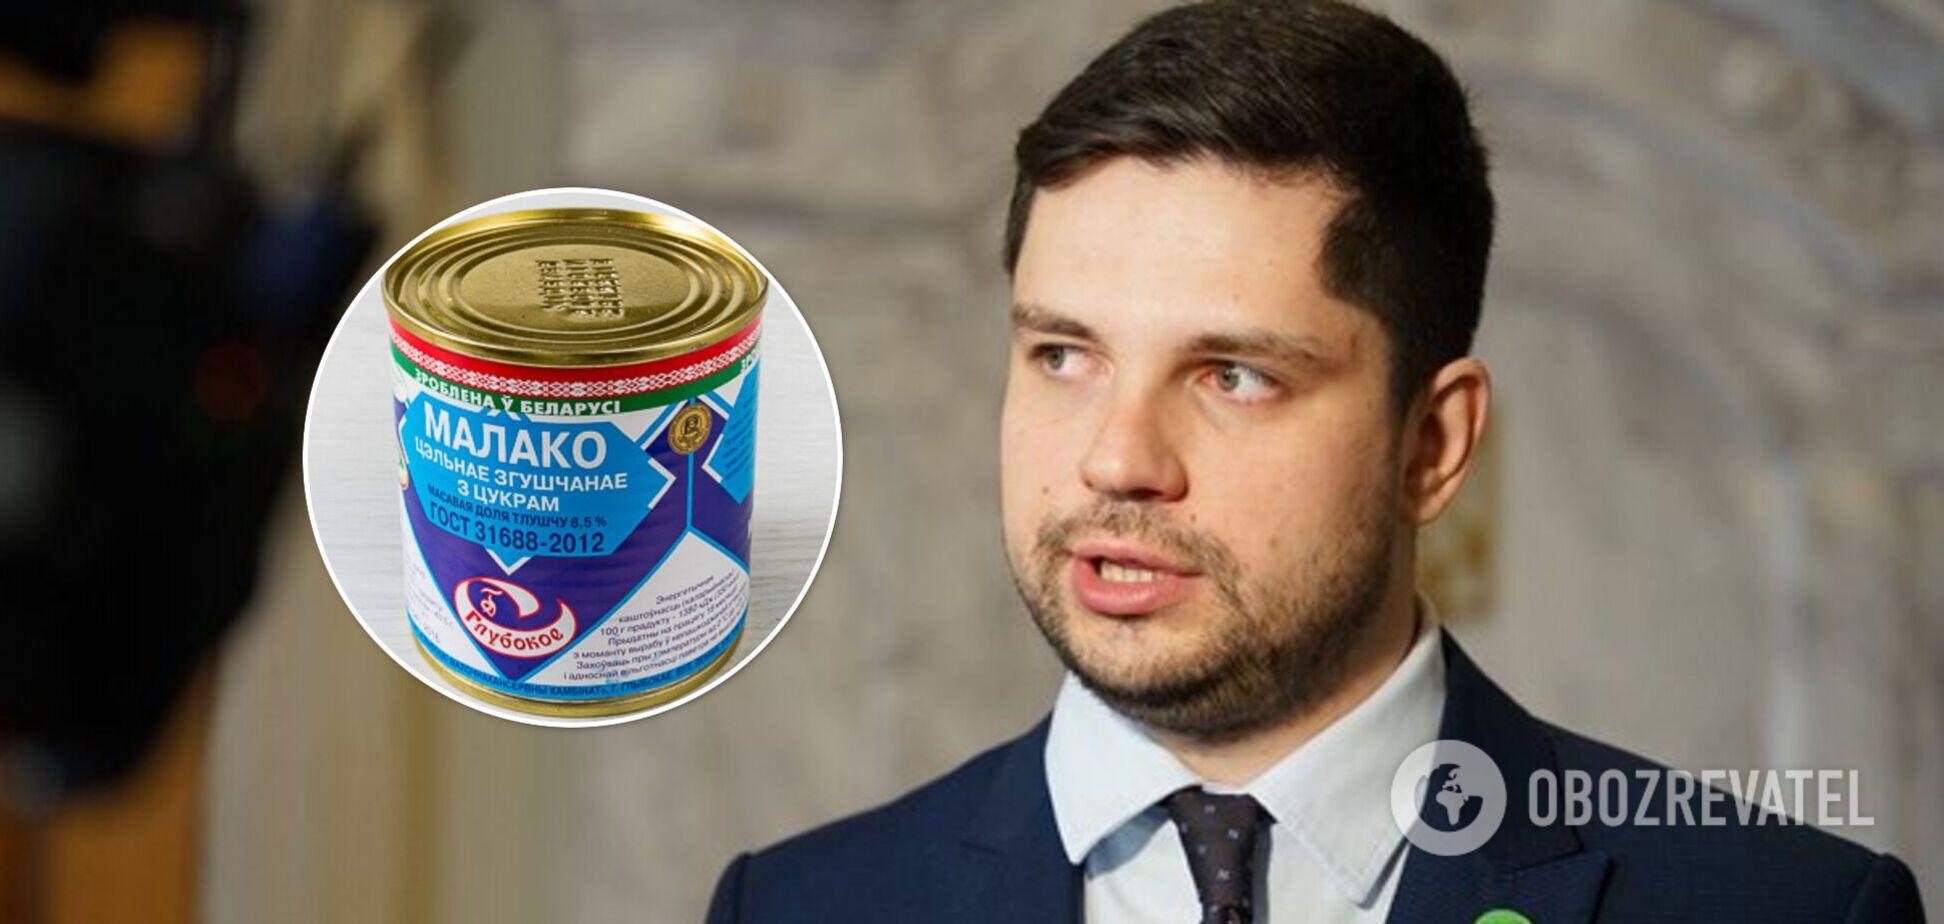 Александр Качура расстроился, что не сможет покупать белорусскую сгущенку